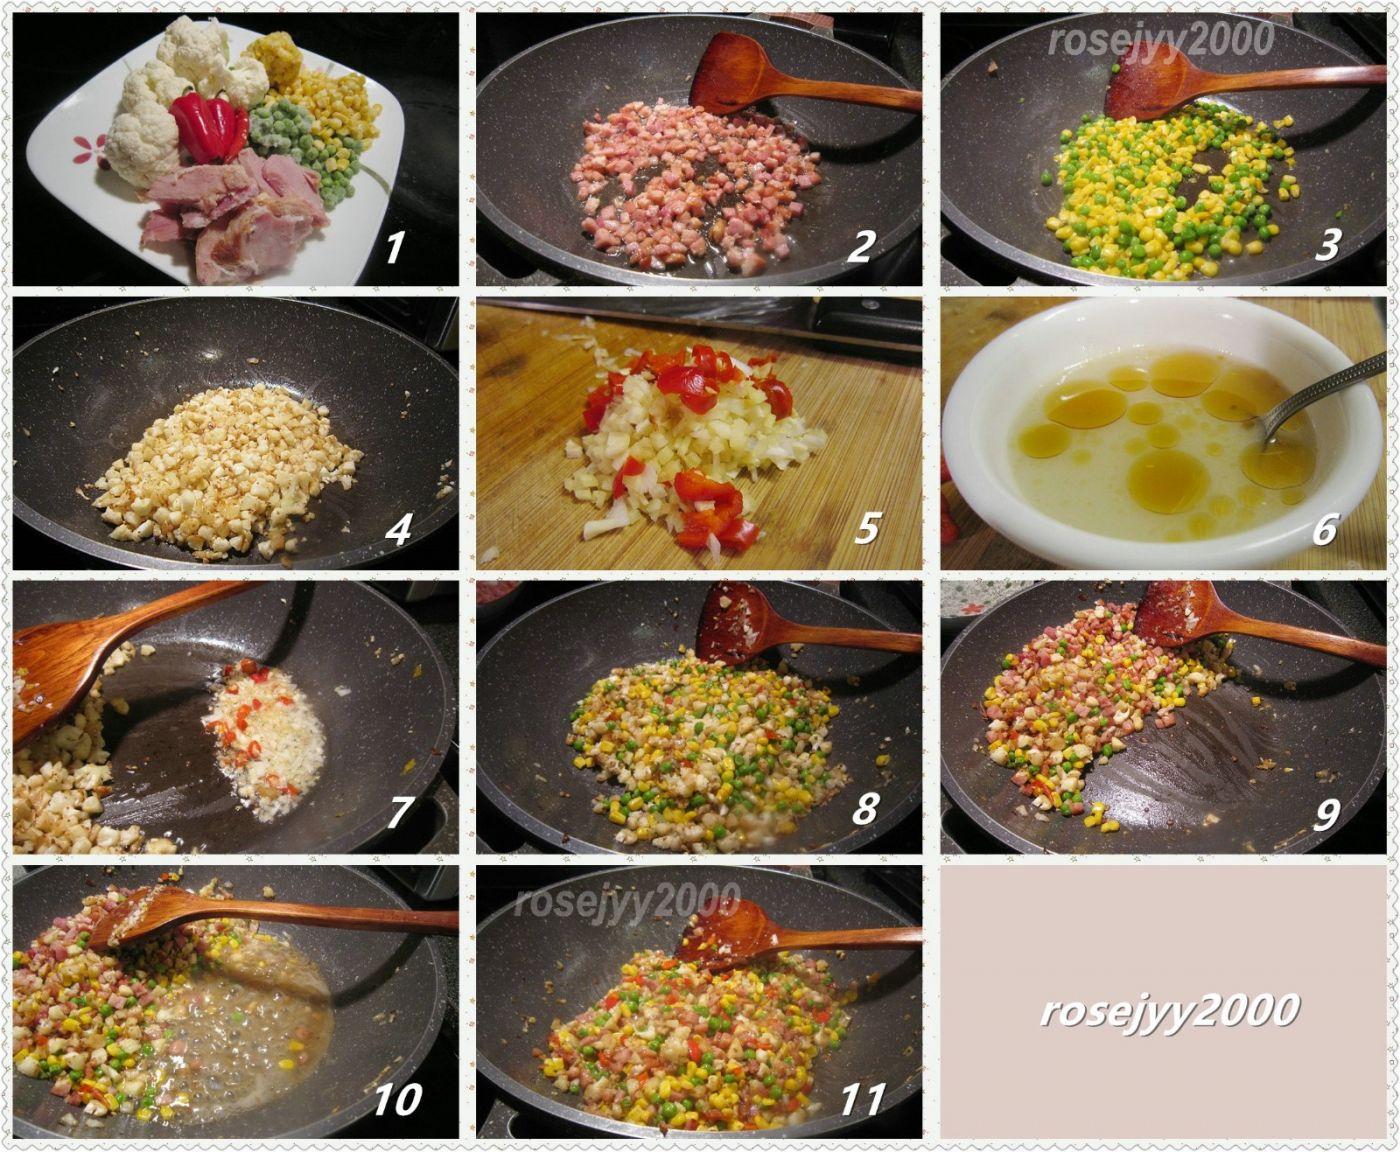 火腿蔬菜粒_图1-2